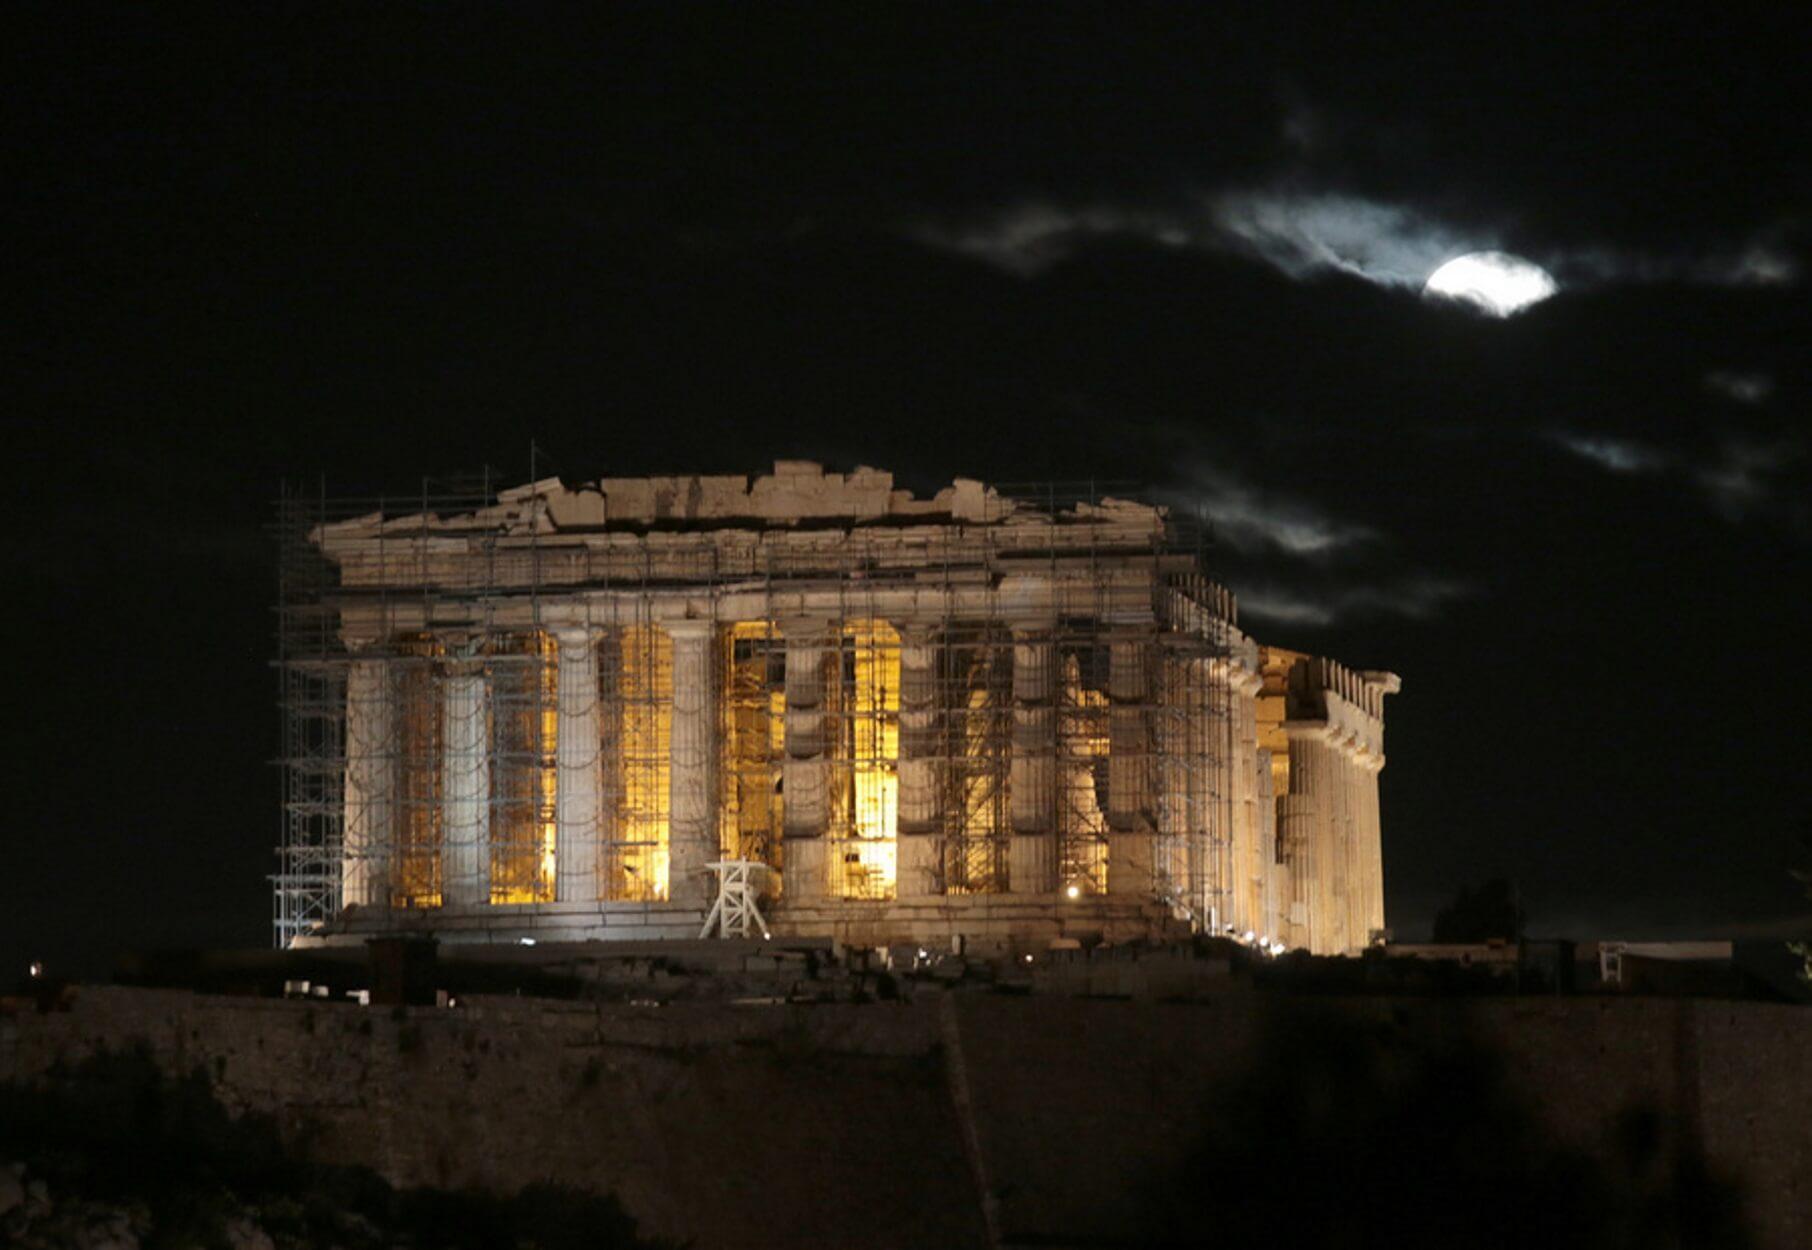 Ακρόπολη: Μελέτη και άμεσα σωστικά μέτρα για το μνημείο του Αγρίππα (pics)